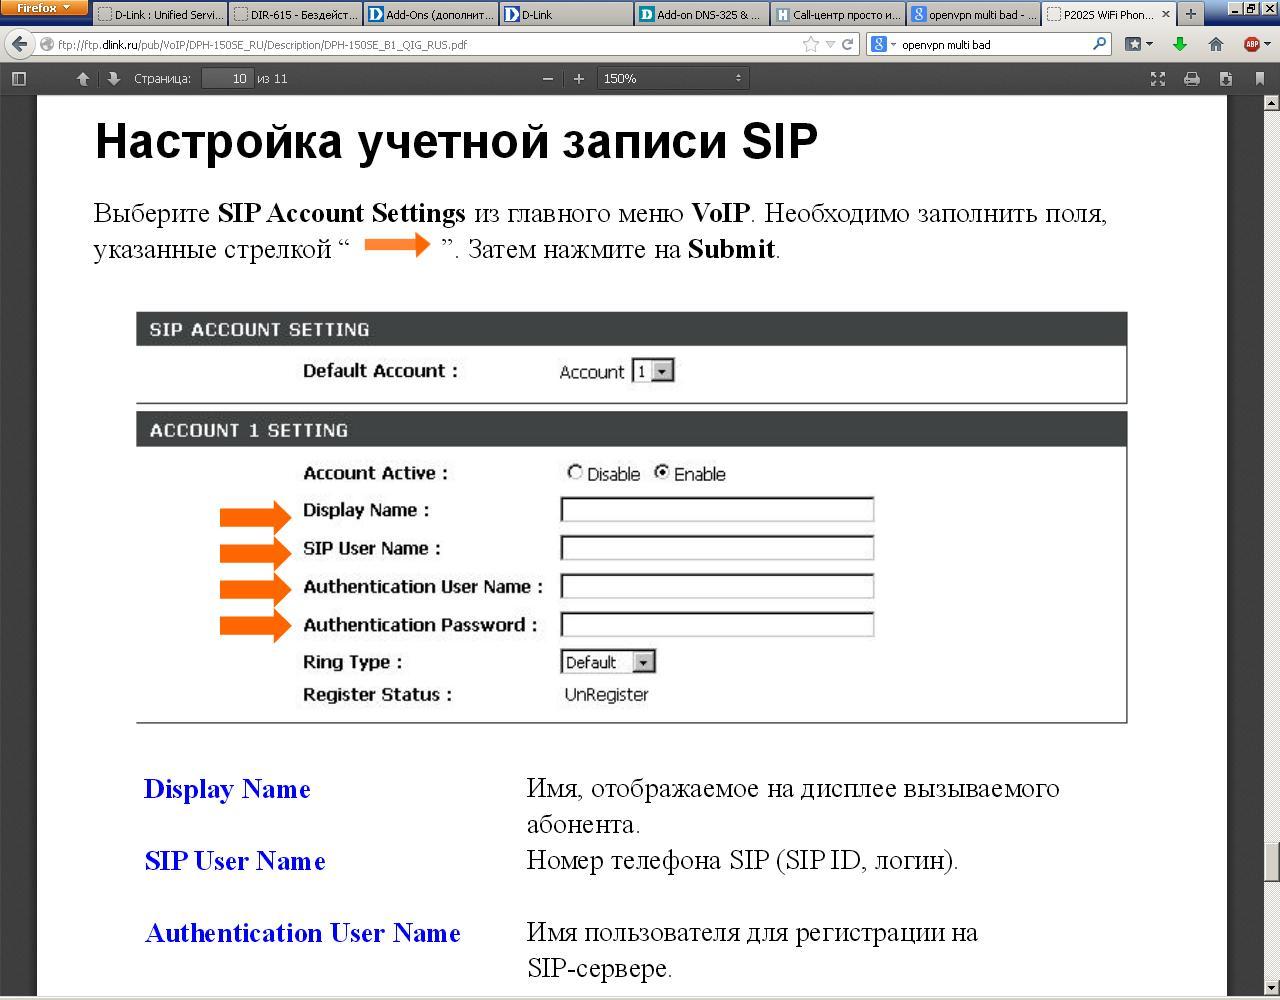 Один из простых вариантов защиты VoIP